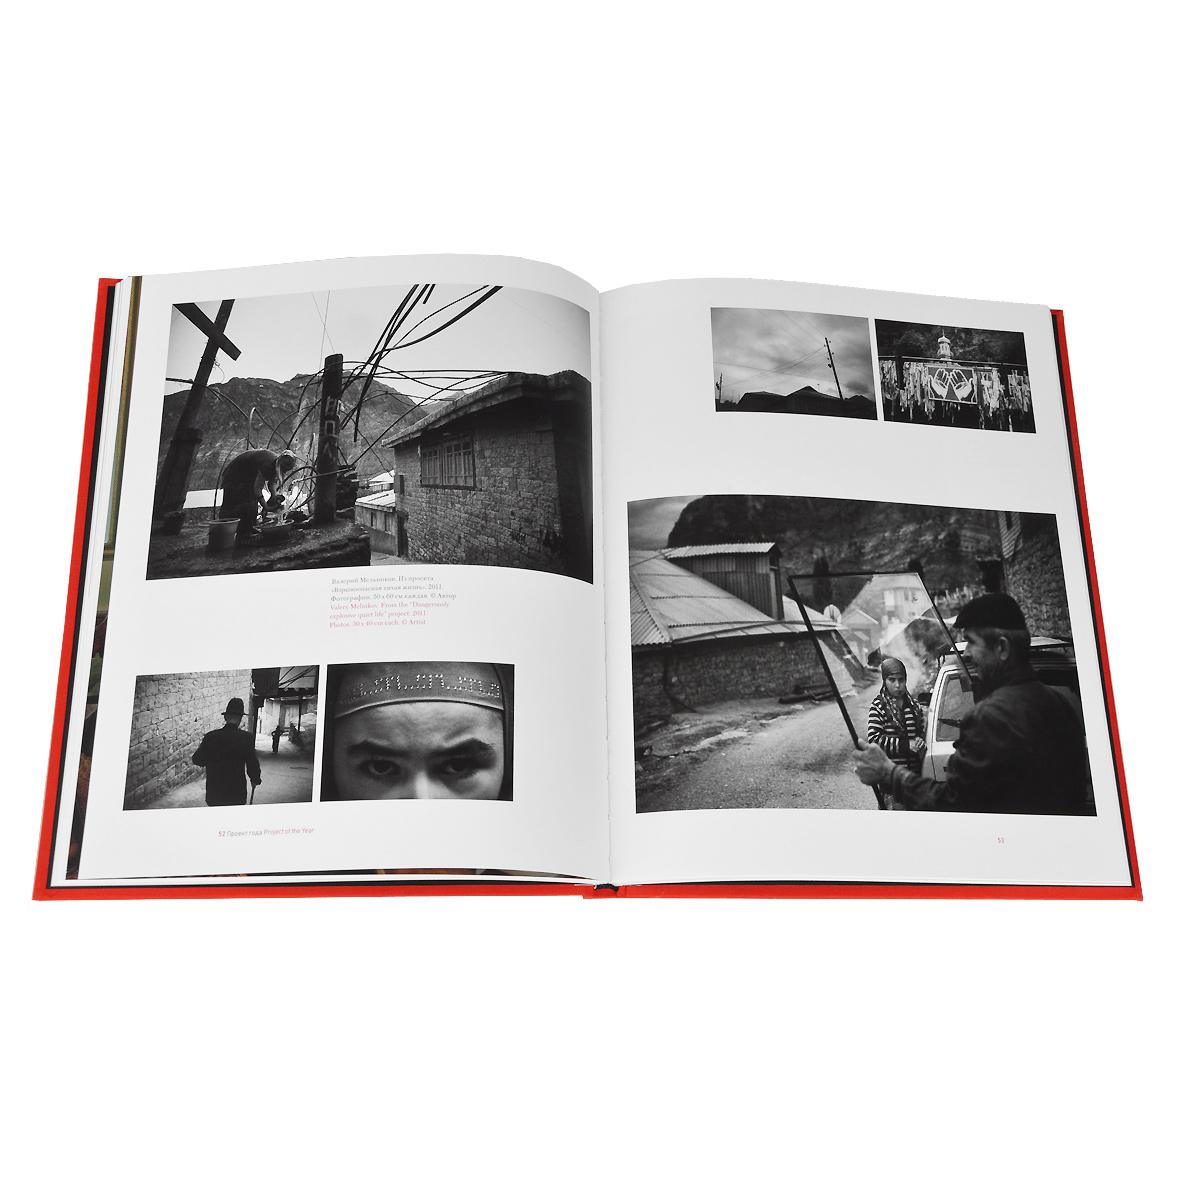 Премия Кандинского. Выставка номинантов. Каталог / Kandinsky Prize: Exhibition of the Nominees: Catalogue